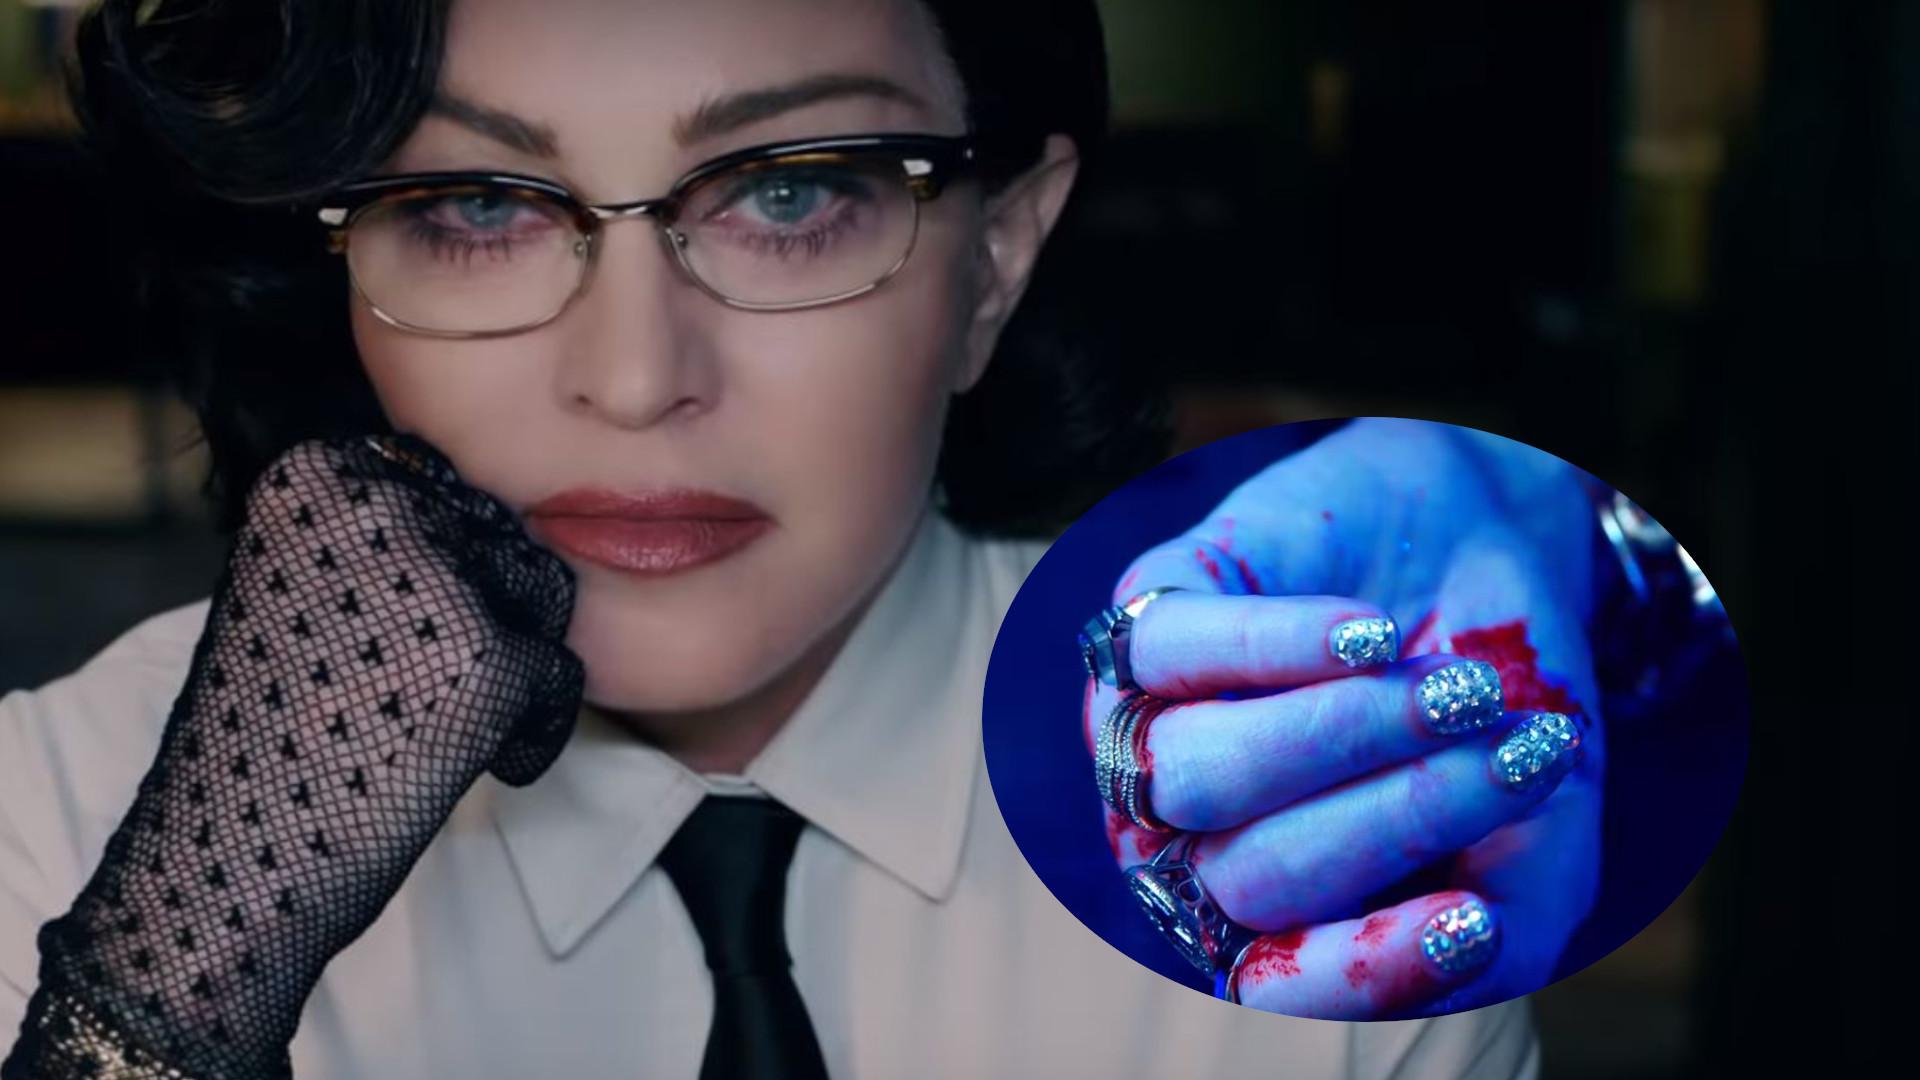 Brutalny i ostry klip Madonny God Control wywołał kontrowersje: Nie powinna była tego TAK pokazać